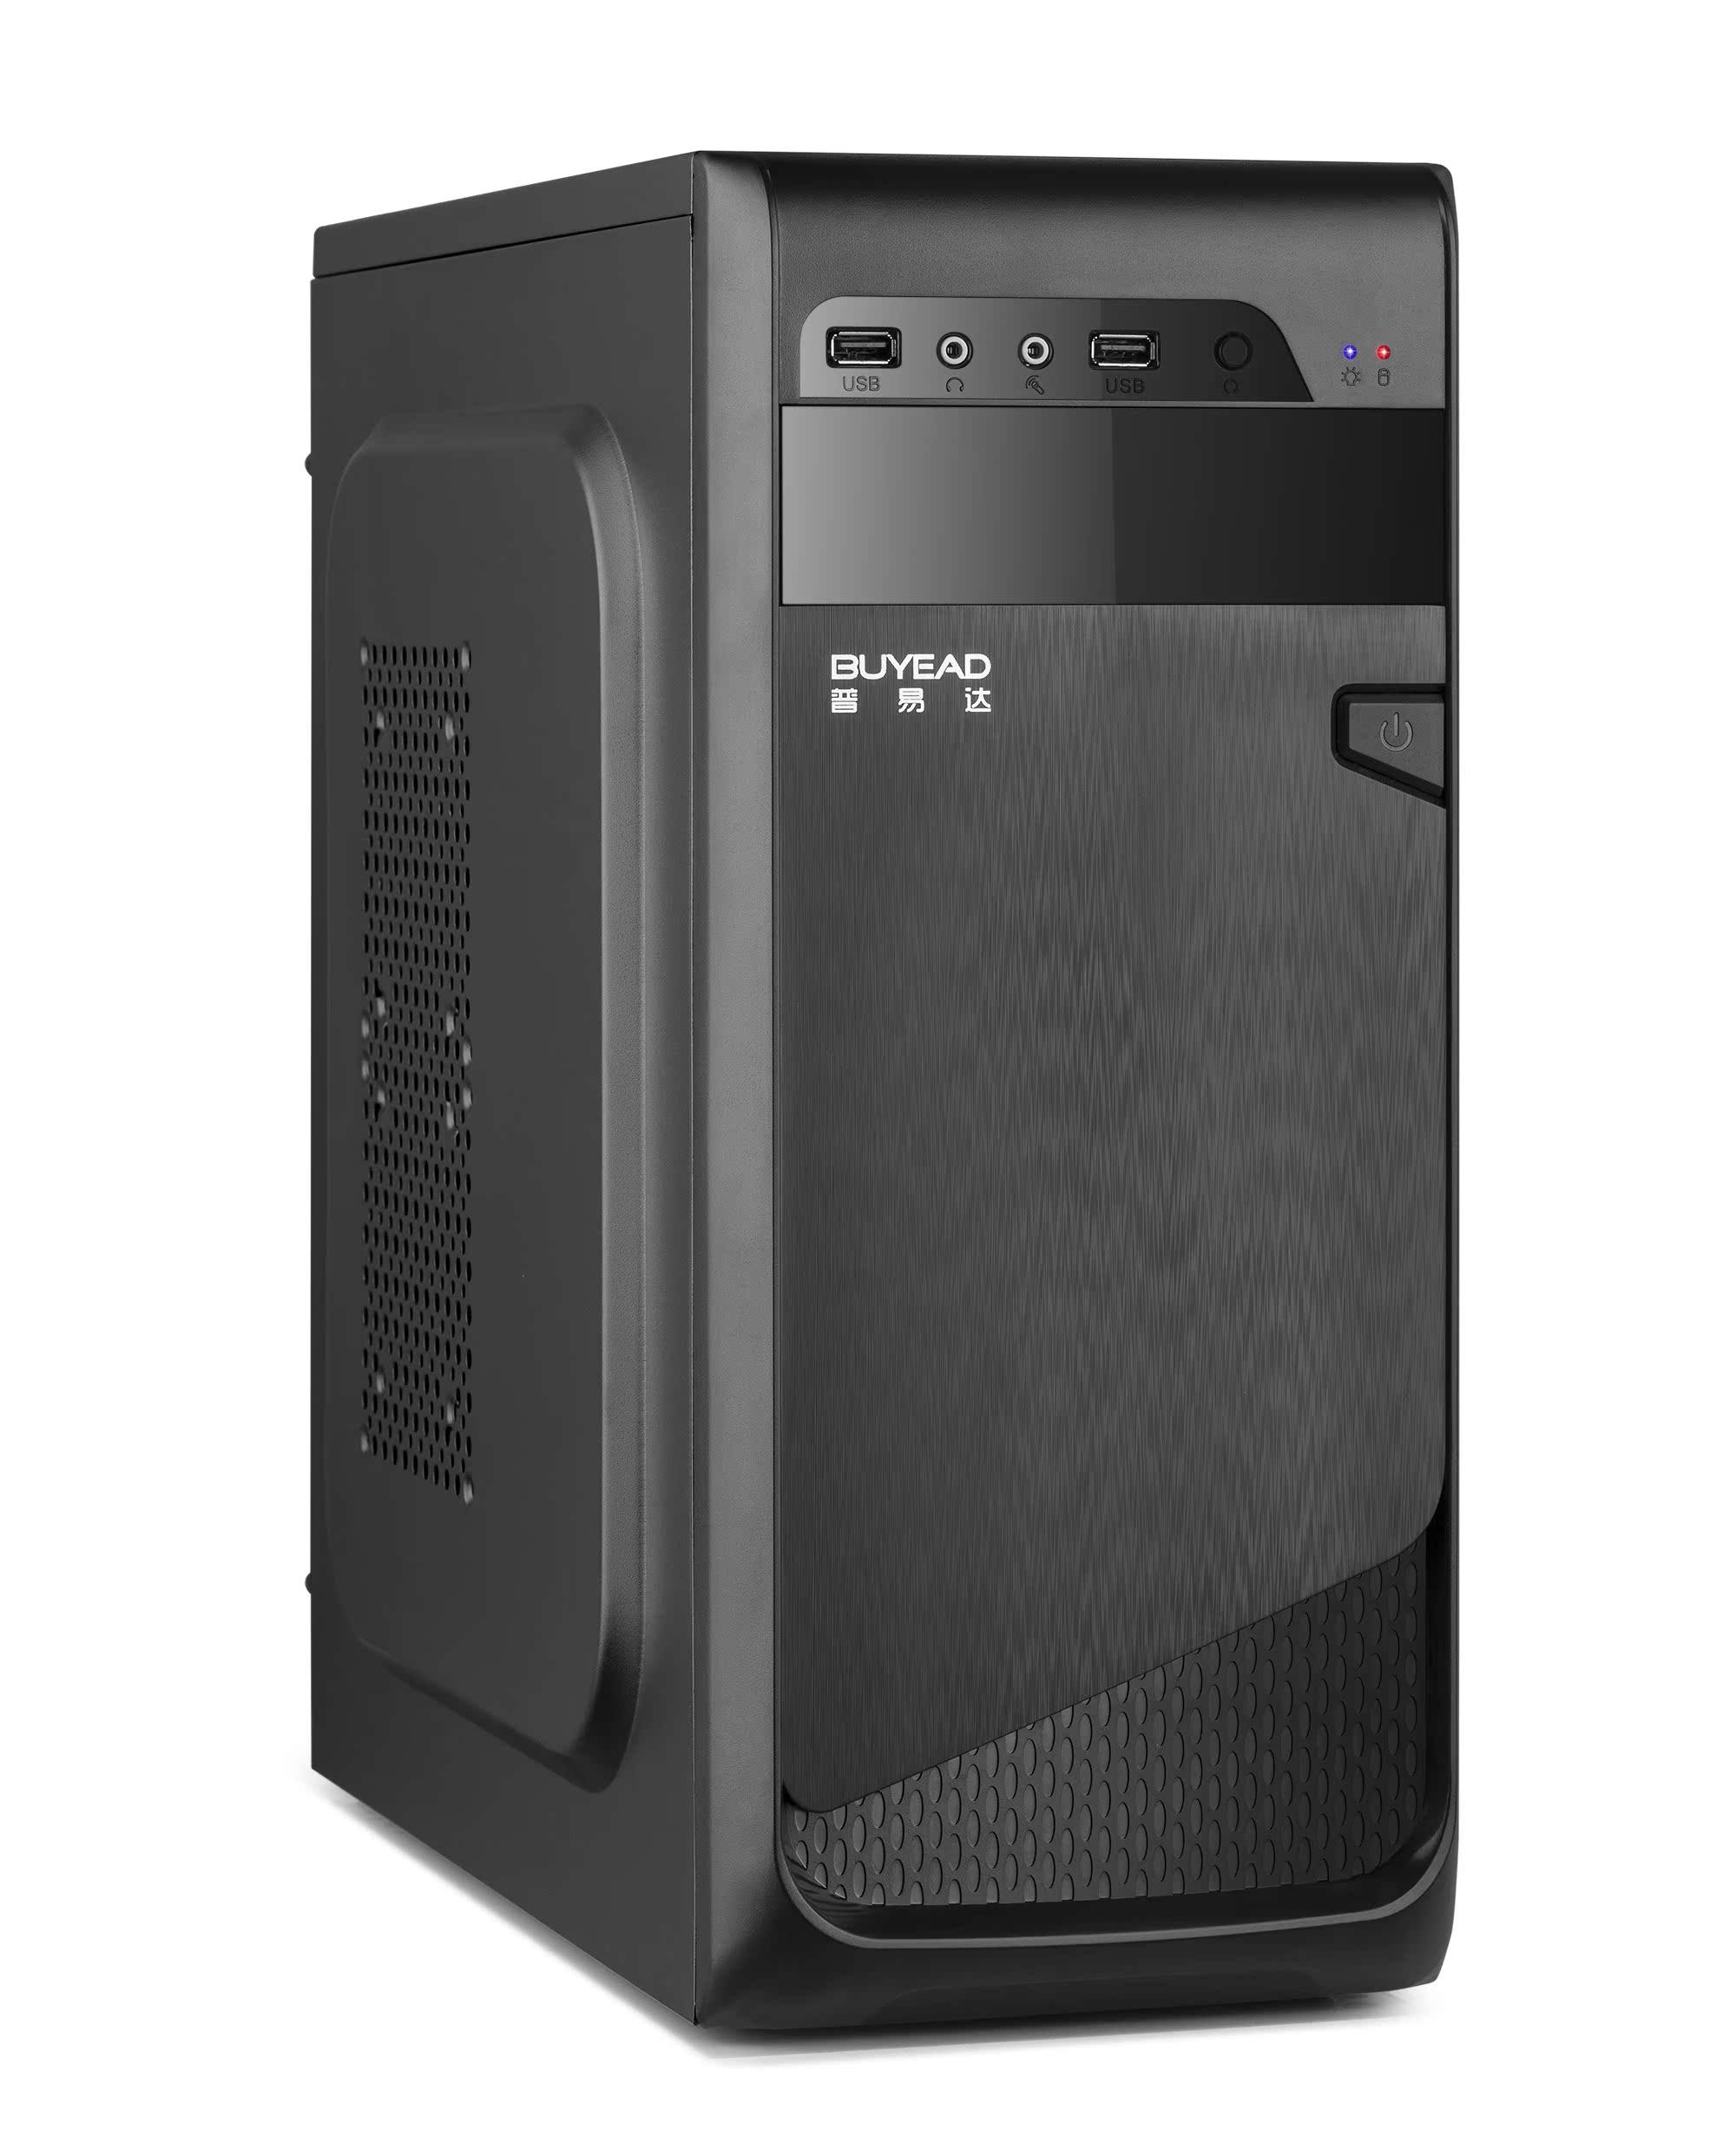 金河田普易达家用办公电脑主机箱ATX大台式机箱电源套装游戏机箱